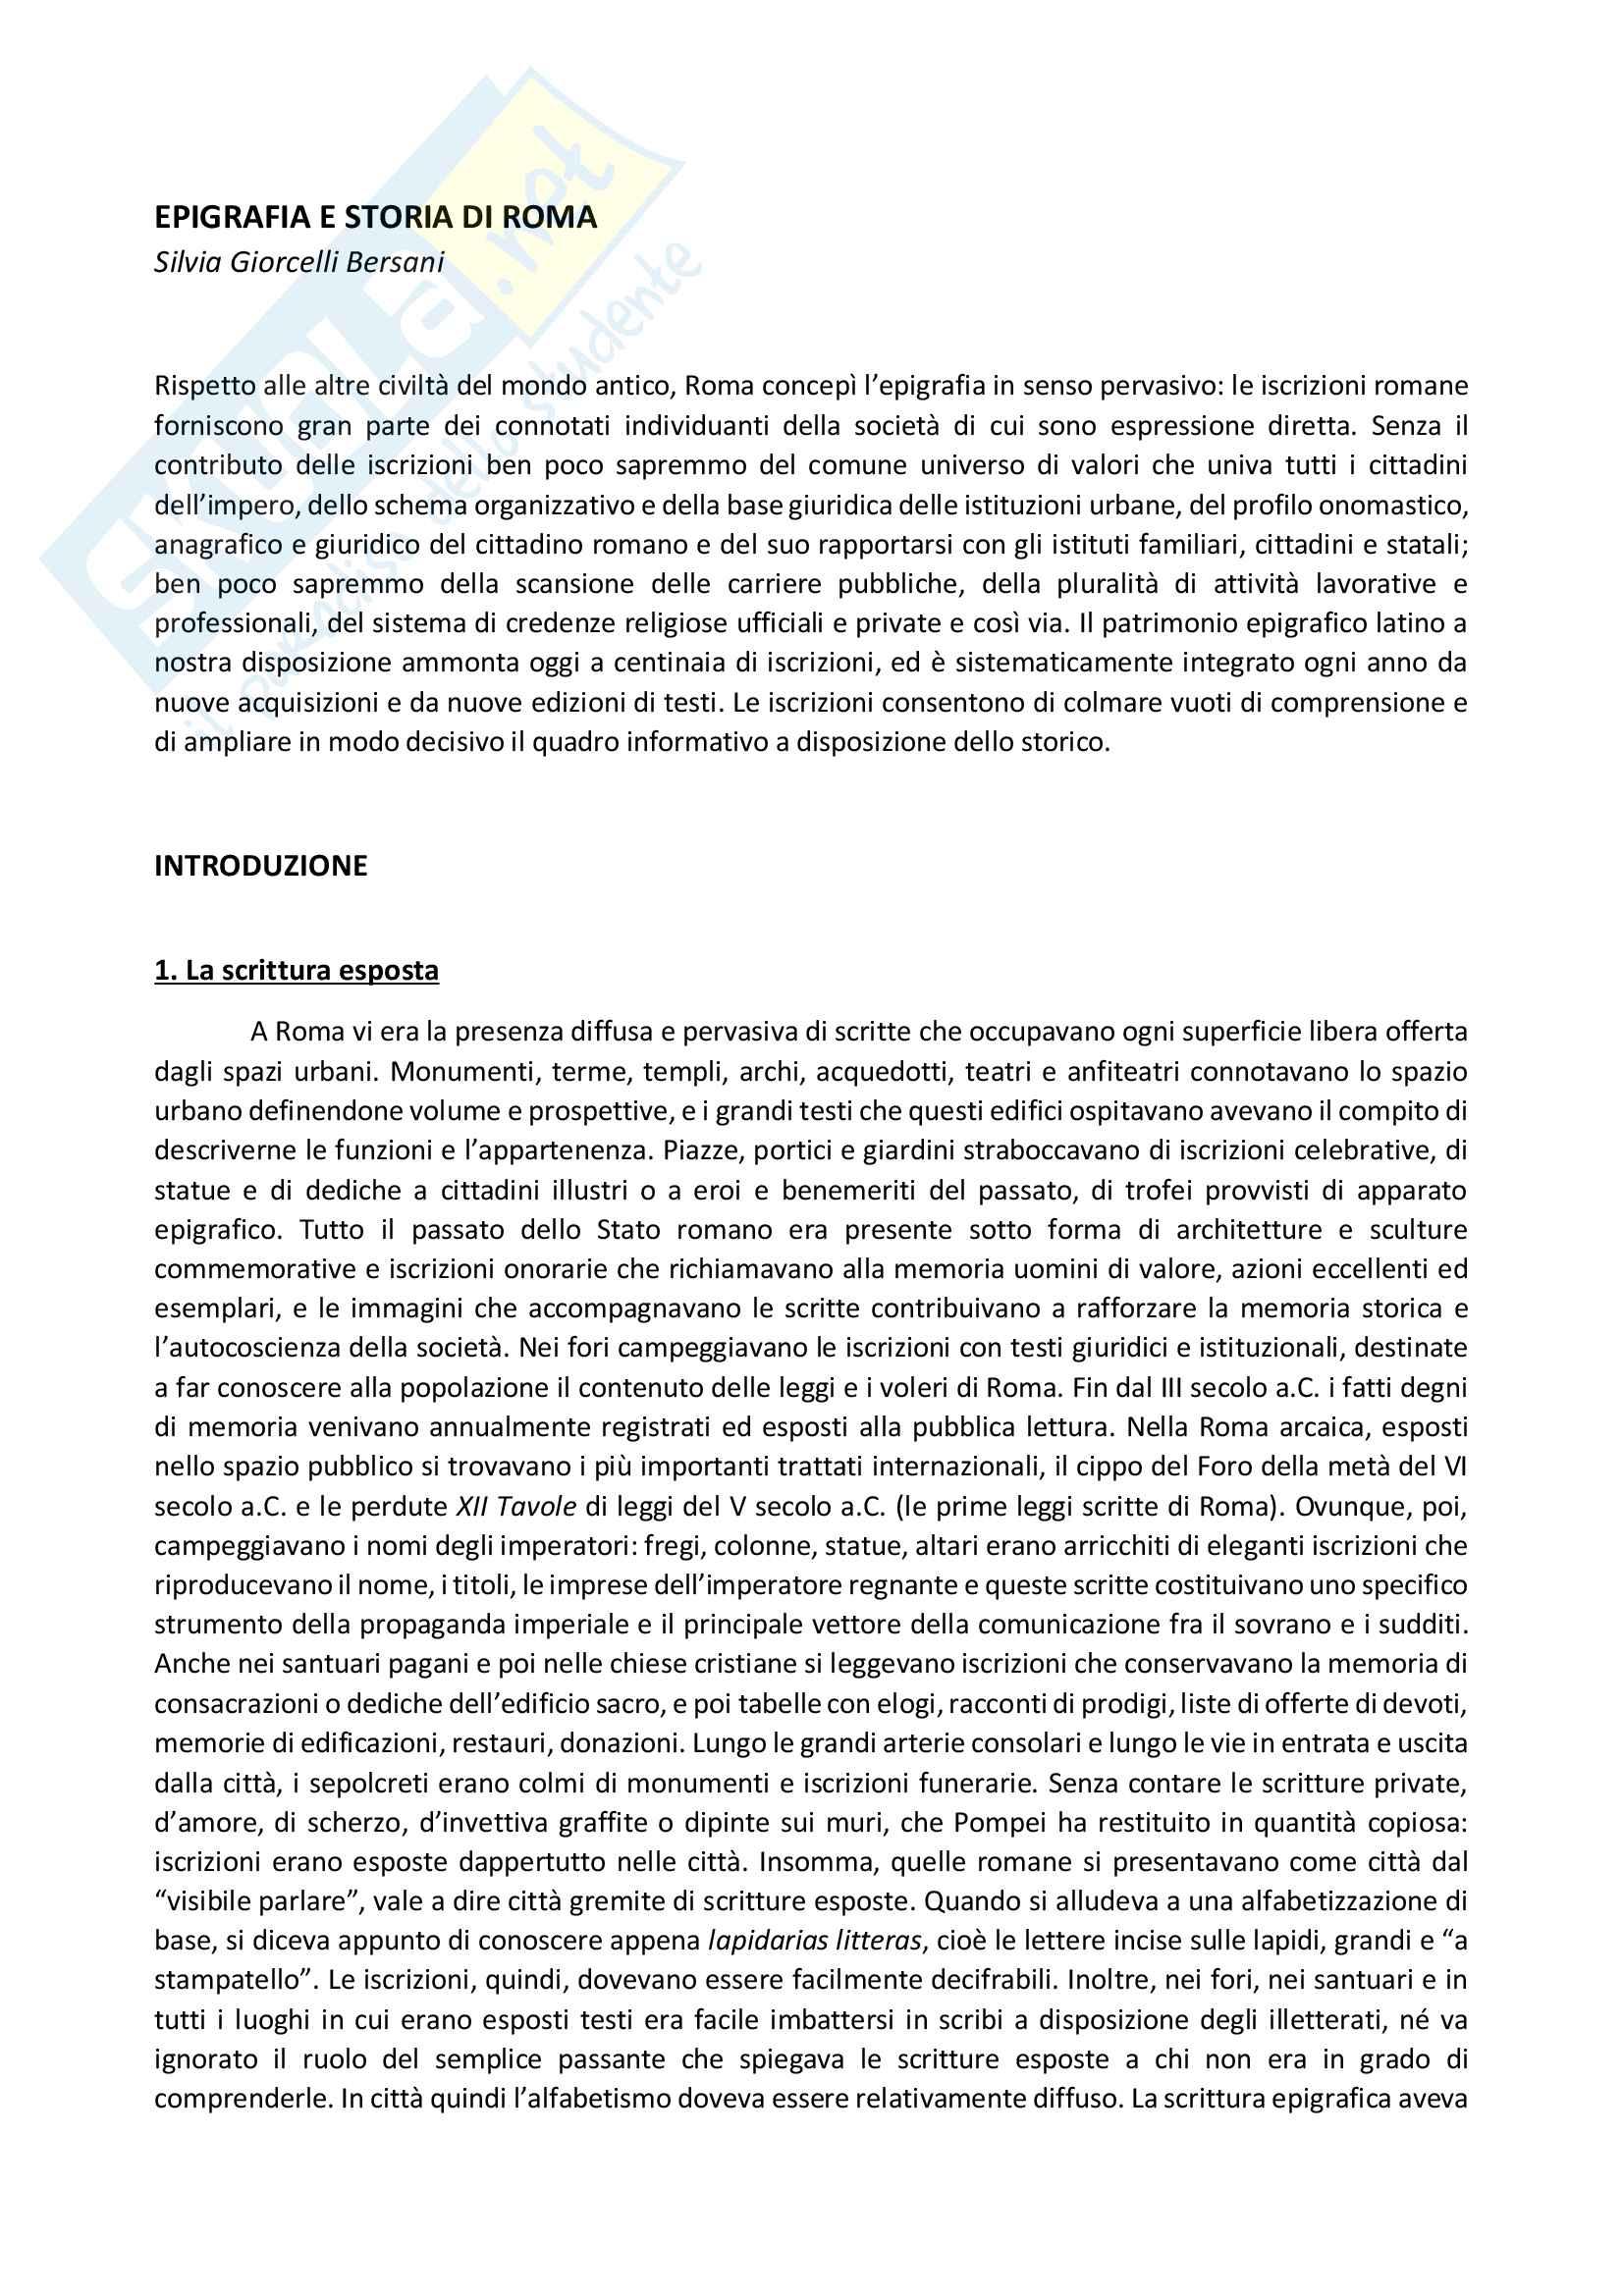 Riassunto esame Epigrafia latina e antichità romane, prof. Gregori. Libro consigliato Epigrafia e storia di Roma, S. Giorcelli Bersani